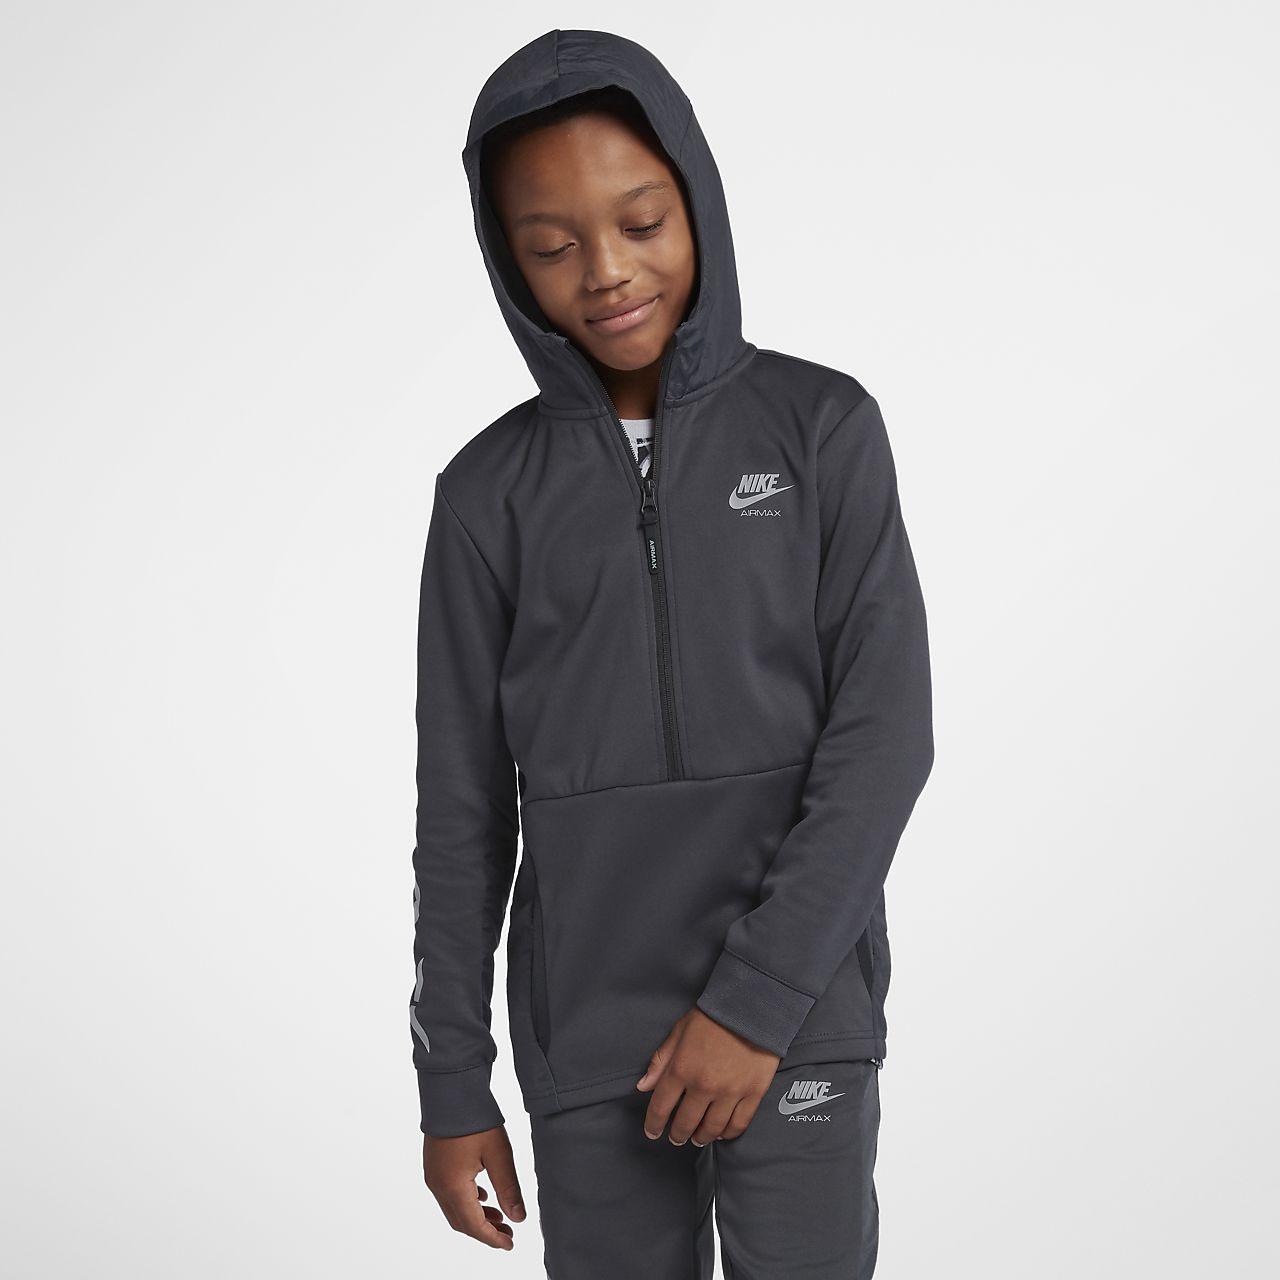 3cdd535090b72 ... Hoodie de fato de treino com fecho até meio Nike Air Max Júnior (Rapaz)